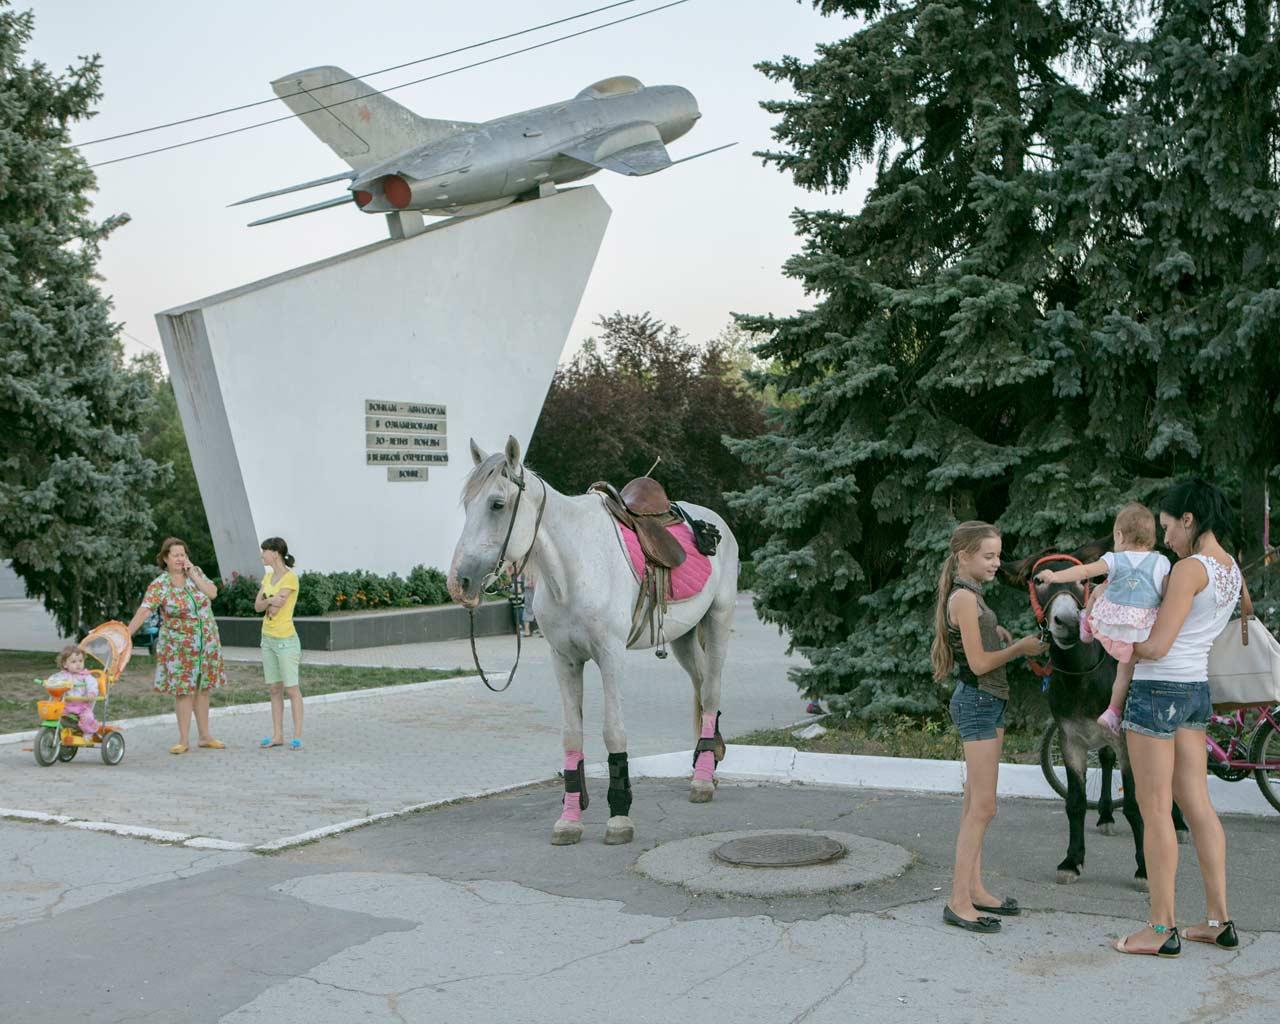 Aus der Serie »Transnistria«, veröffentlich im FOG Magazin, 2015. Foto: Emile Ducke